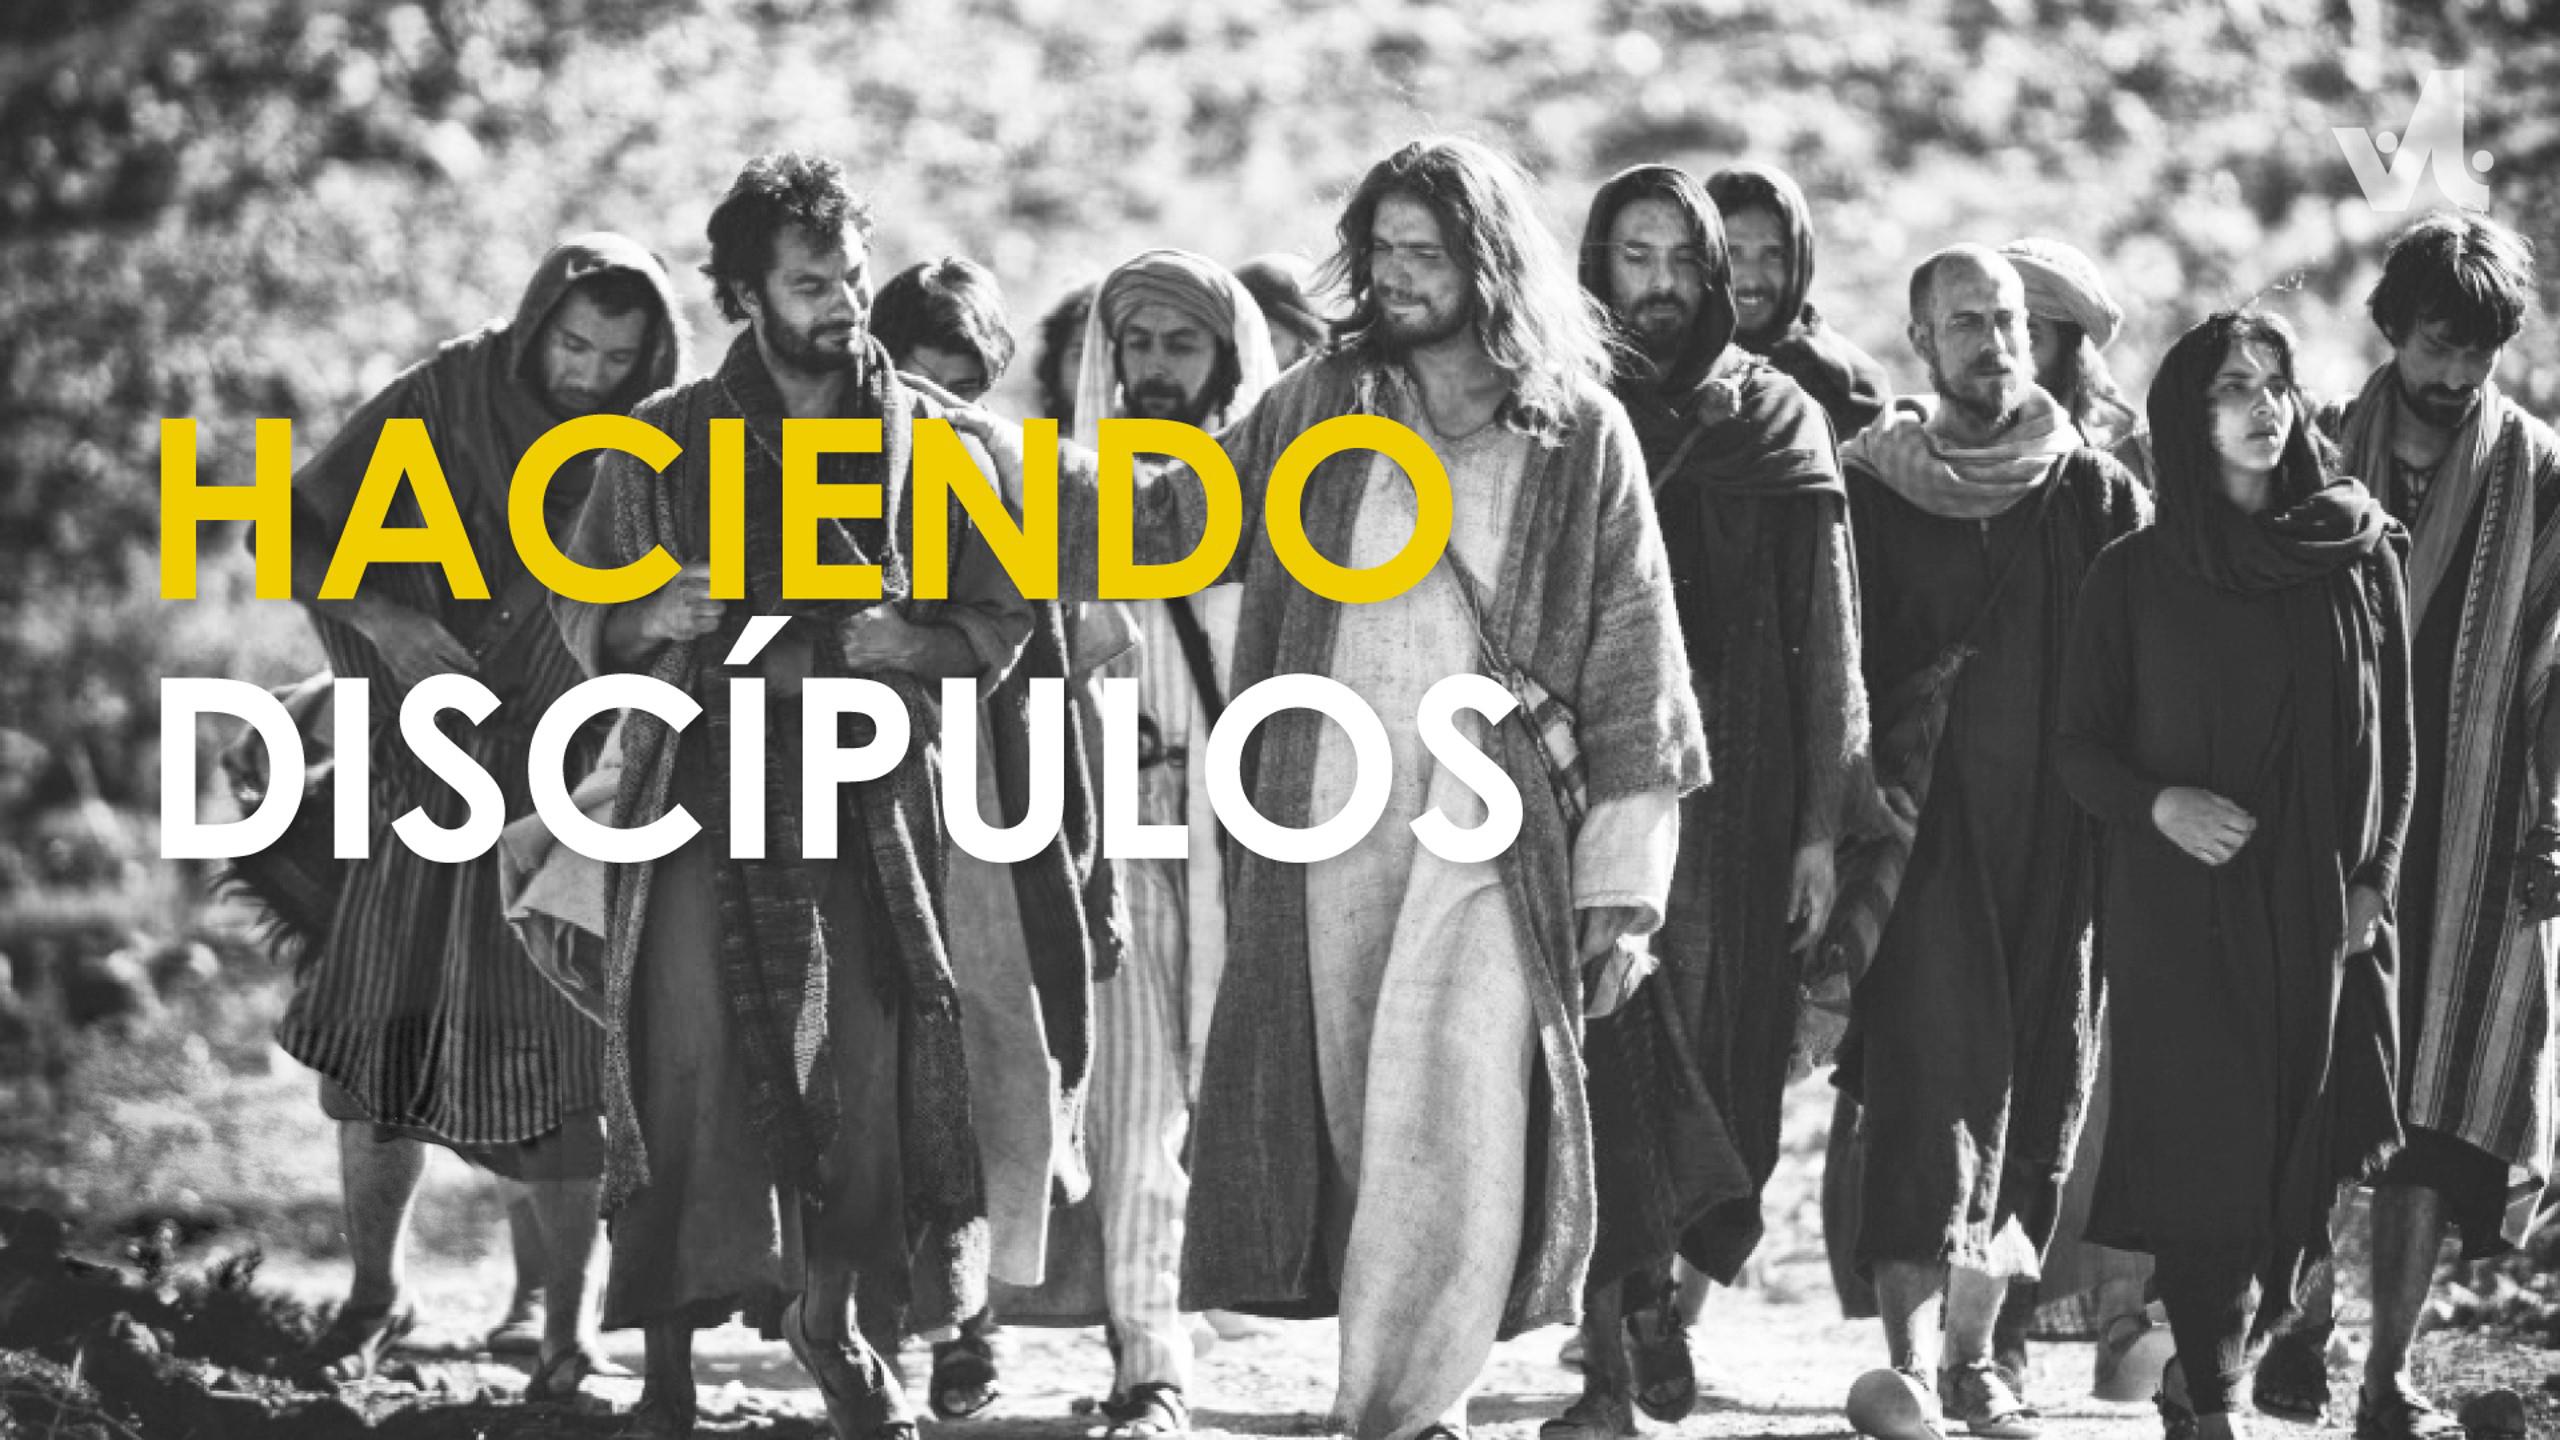 Haciendo Discípulos